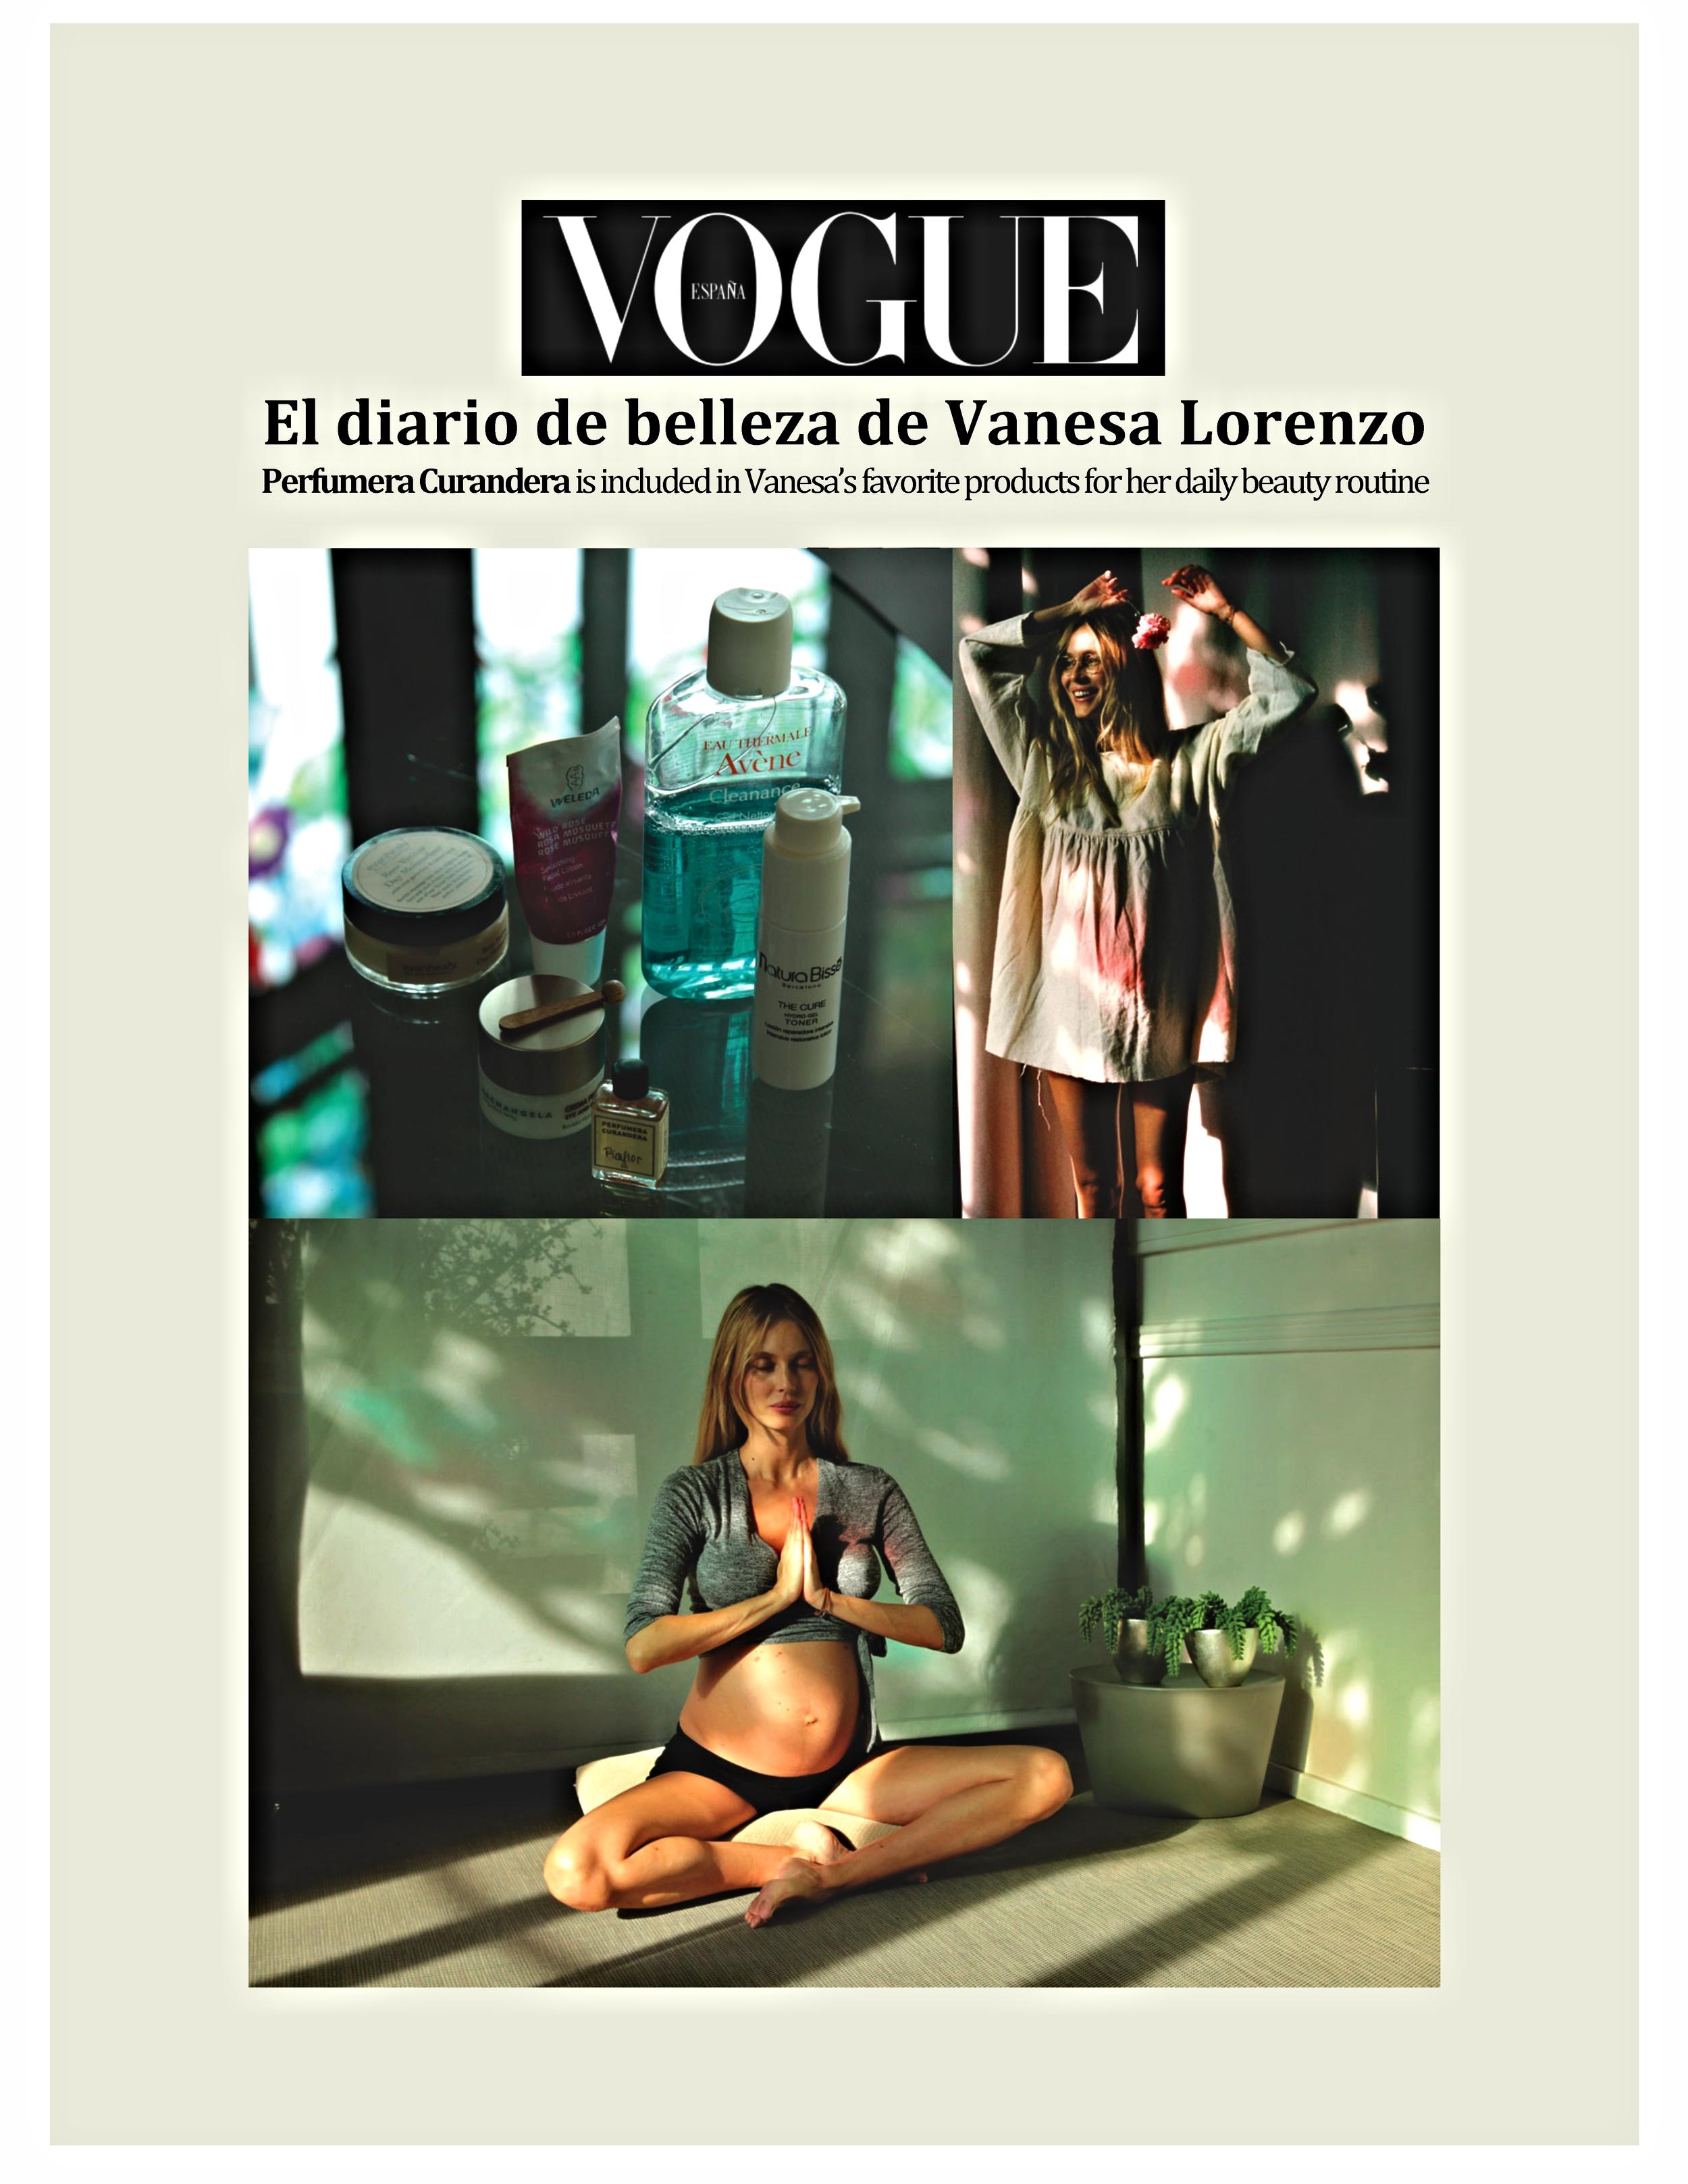 Vanesa Lorenzo Vogue - January 2016